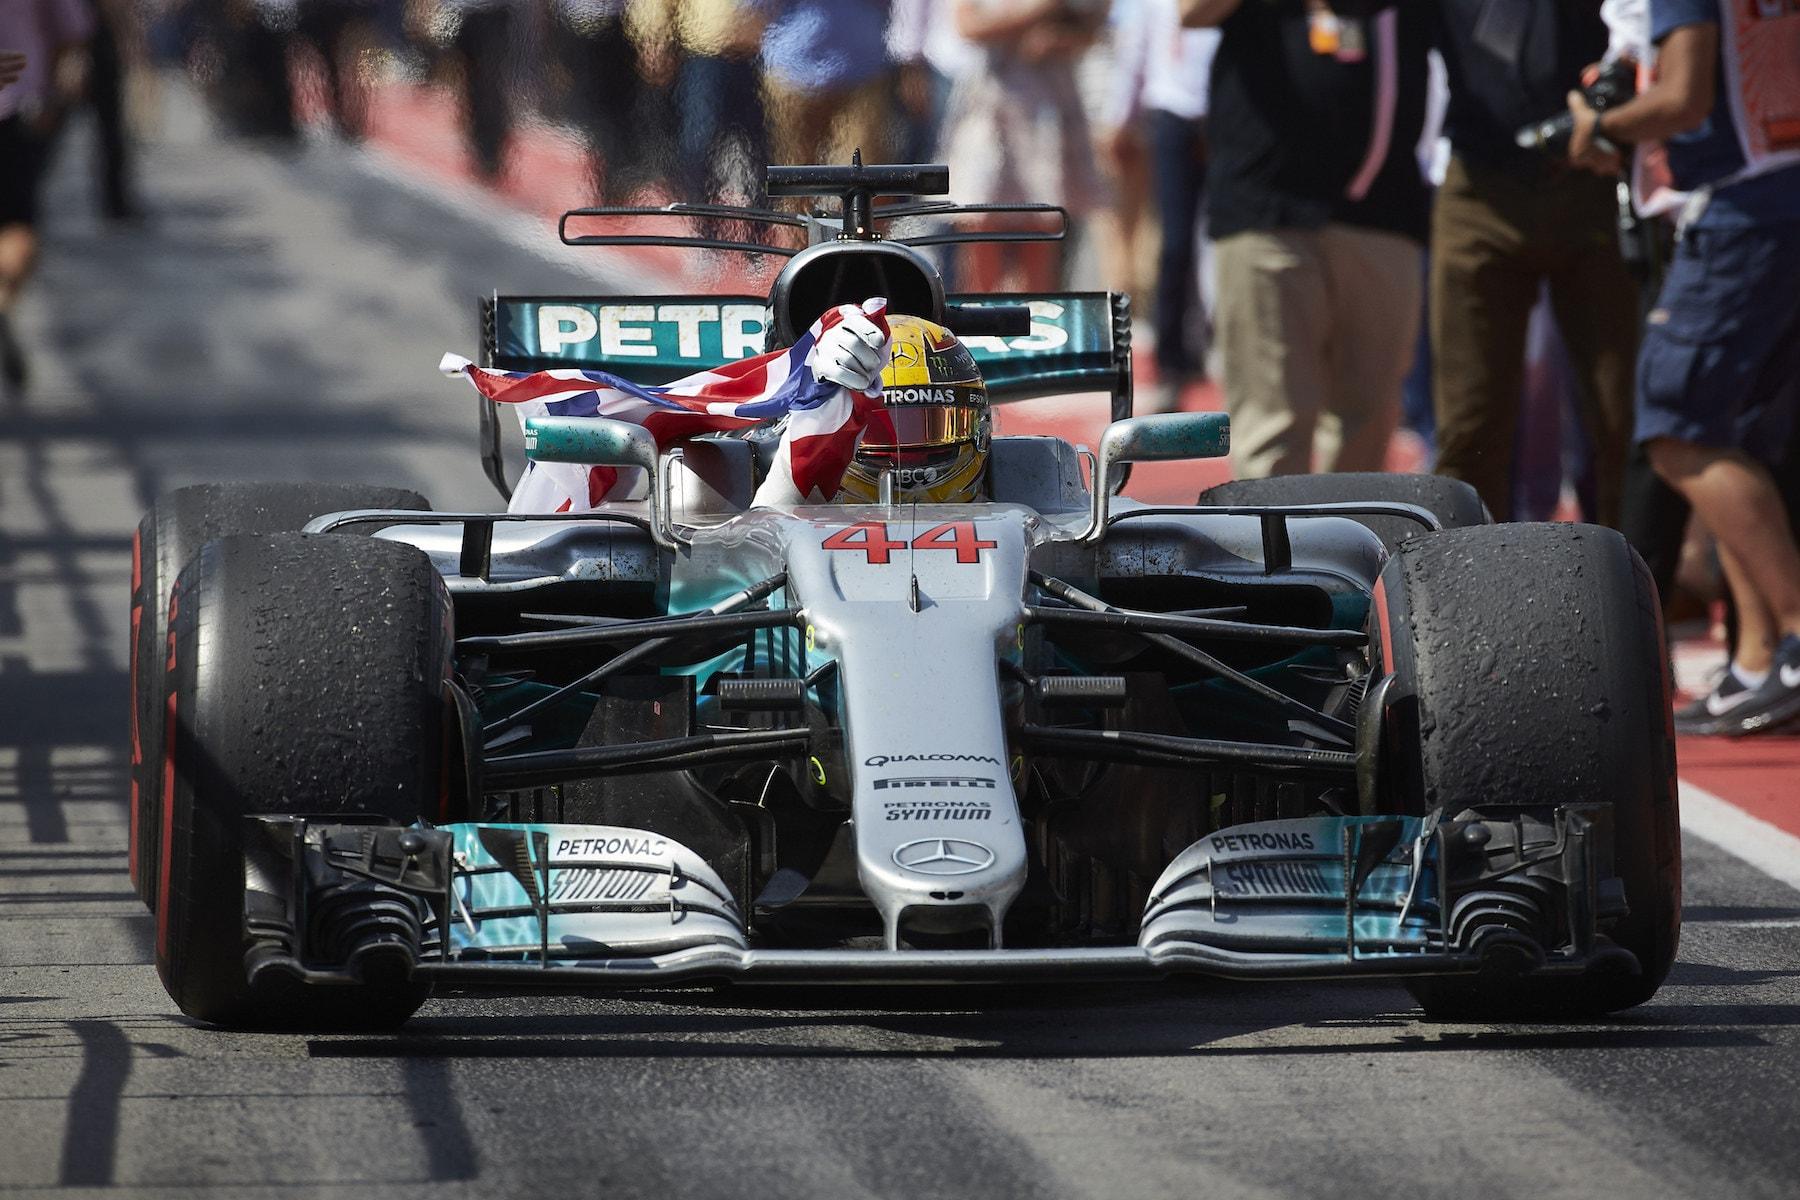 U 2017 Lewis Hamilton | Mercedes W08 | 2017 Canadian GP winner 2 copy.JPG